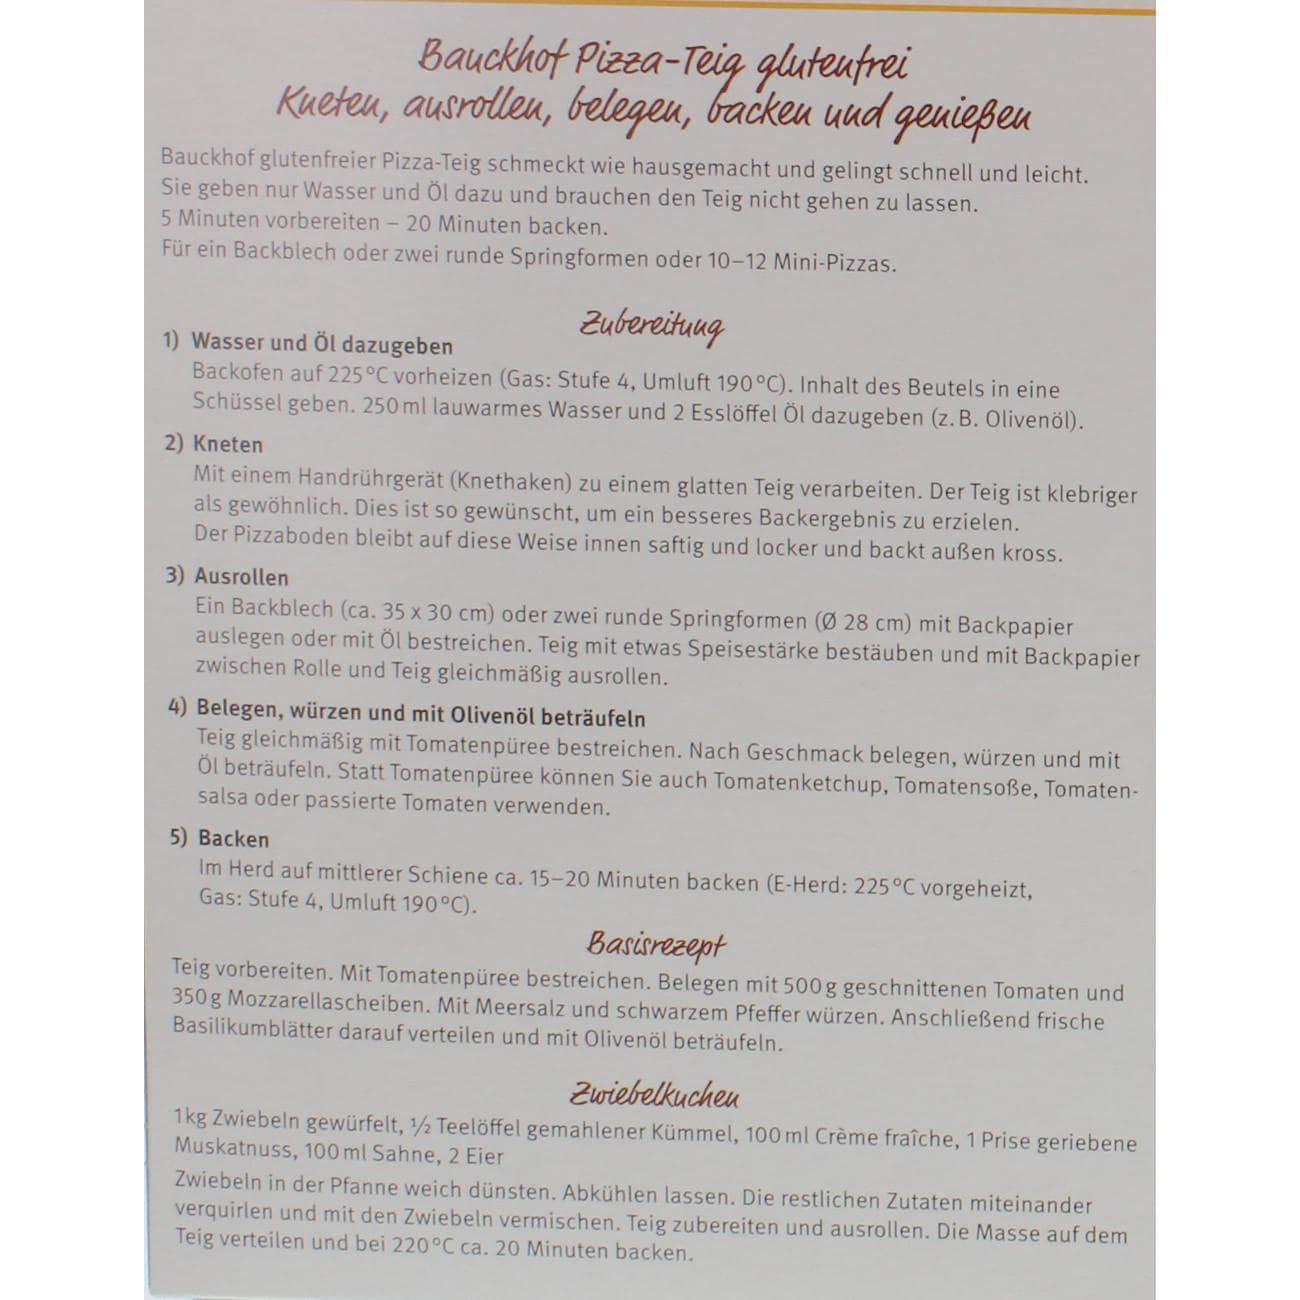 Bauck Hof Bio Pizza-Teig Backmischung glutenfrei 350g